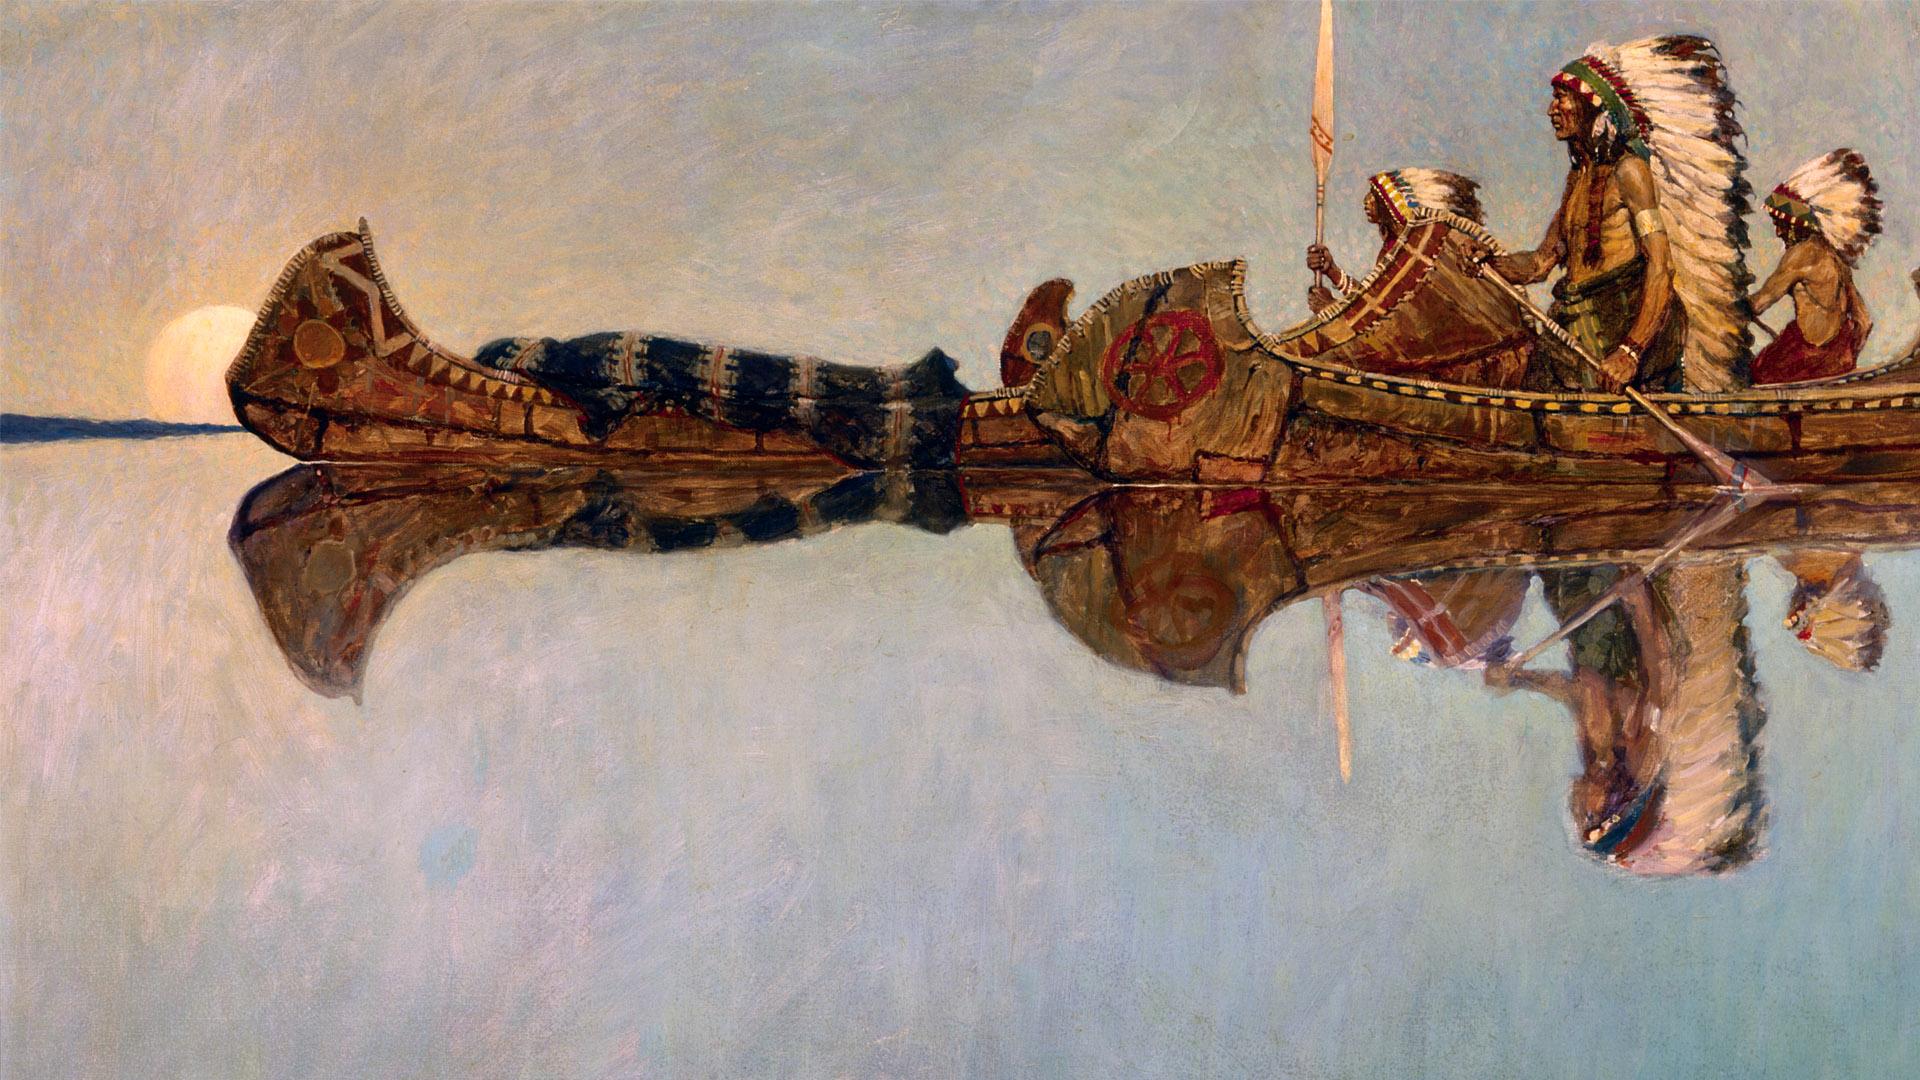 ニューエル・コンヴァース・ワイエス N. C. Wyeth - The Water Burial 1920x1080